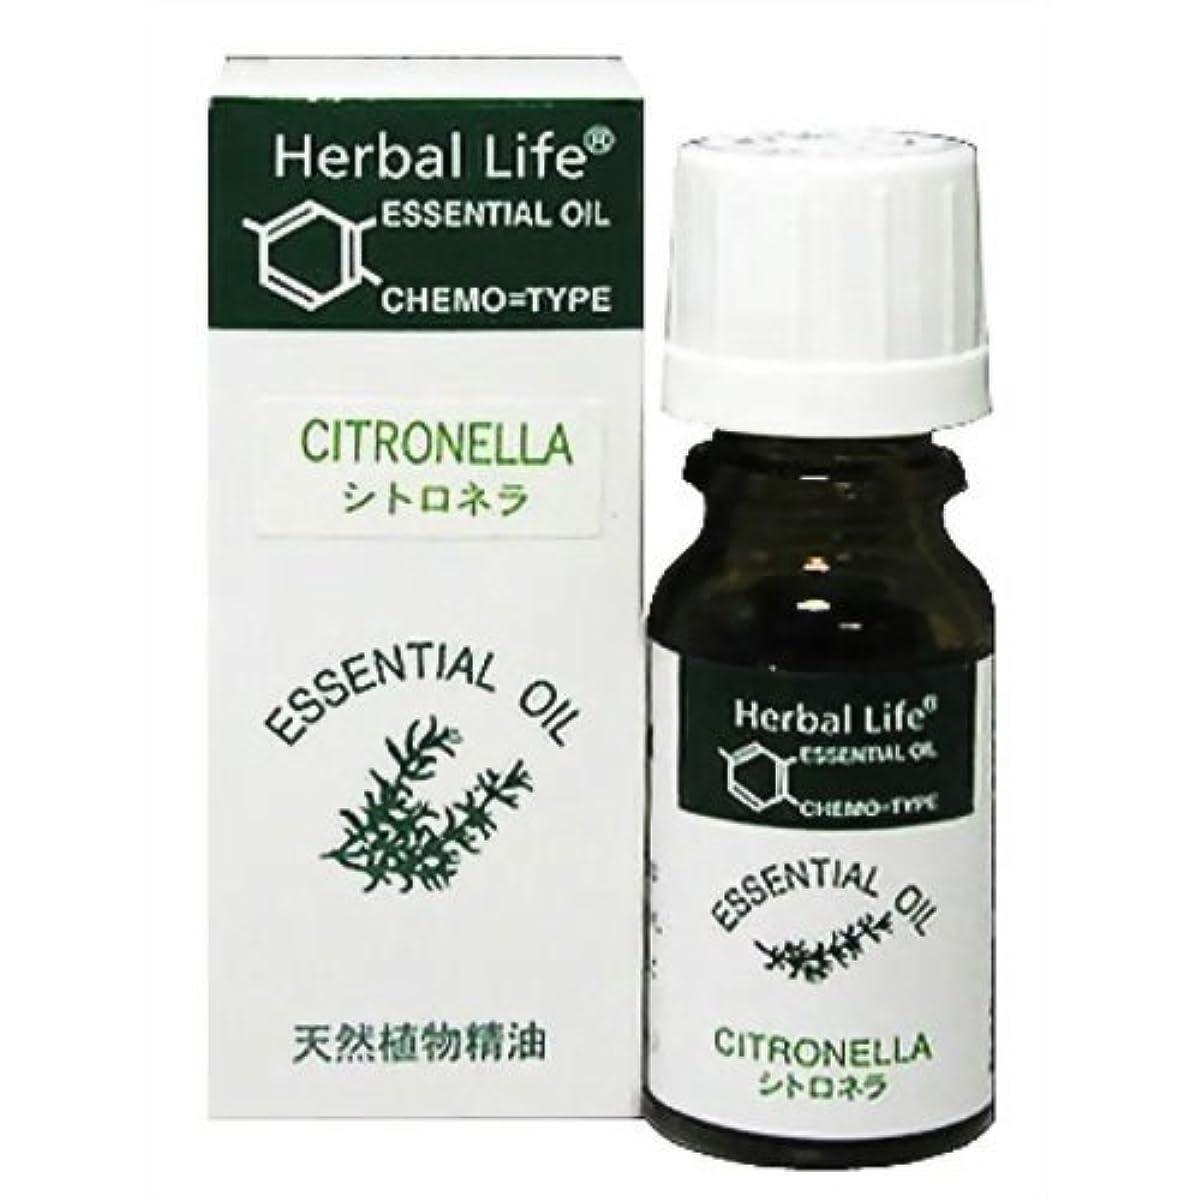 ふつう逆雨Herbal Life シトロネラ 10ml